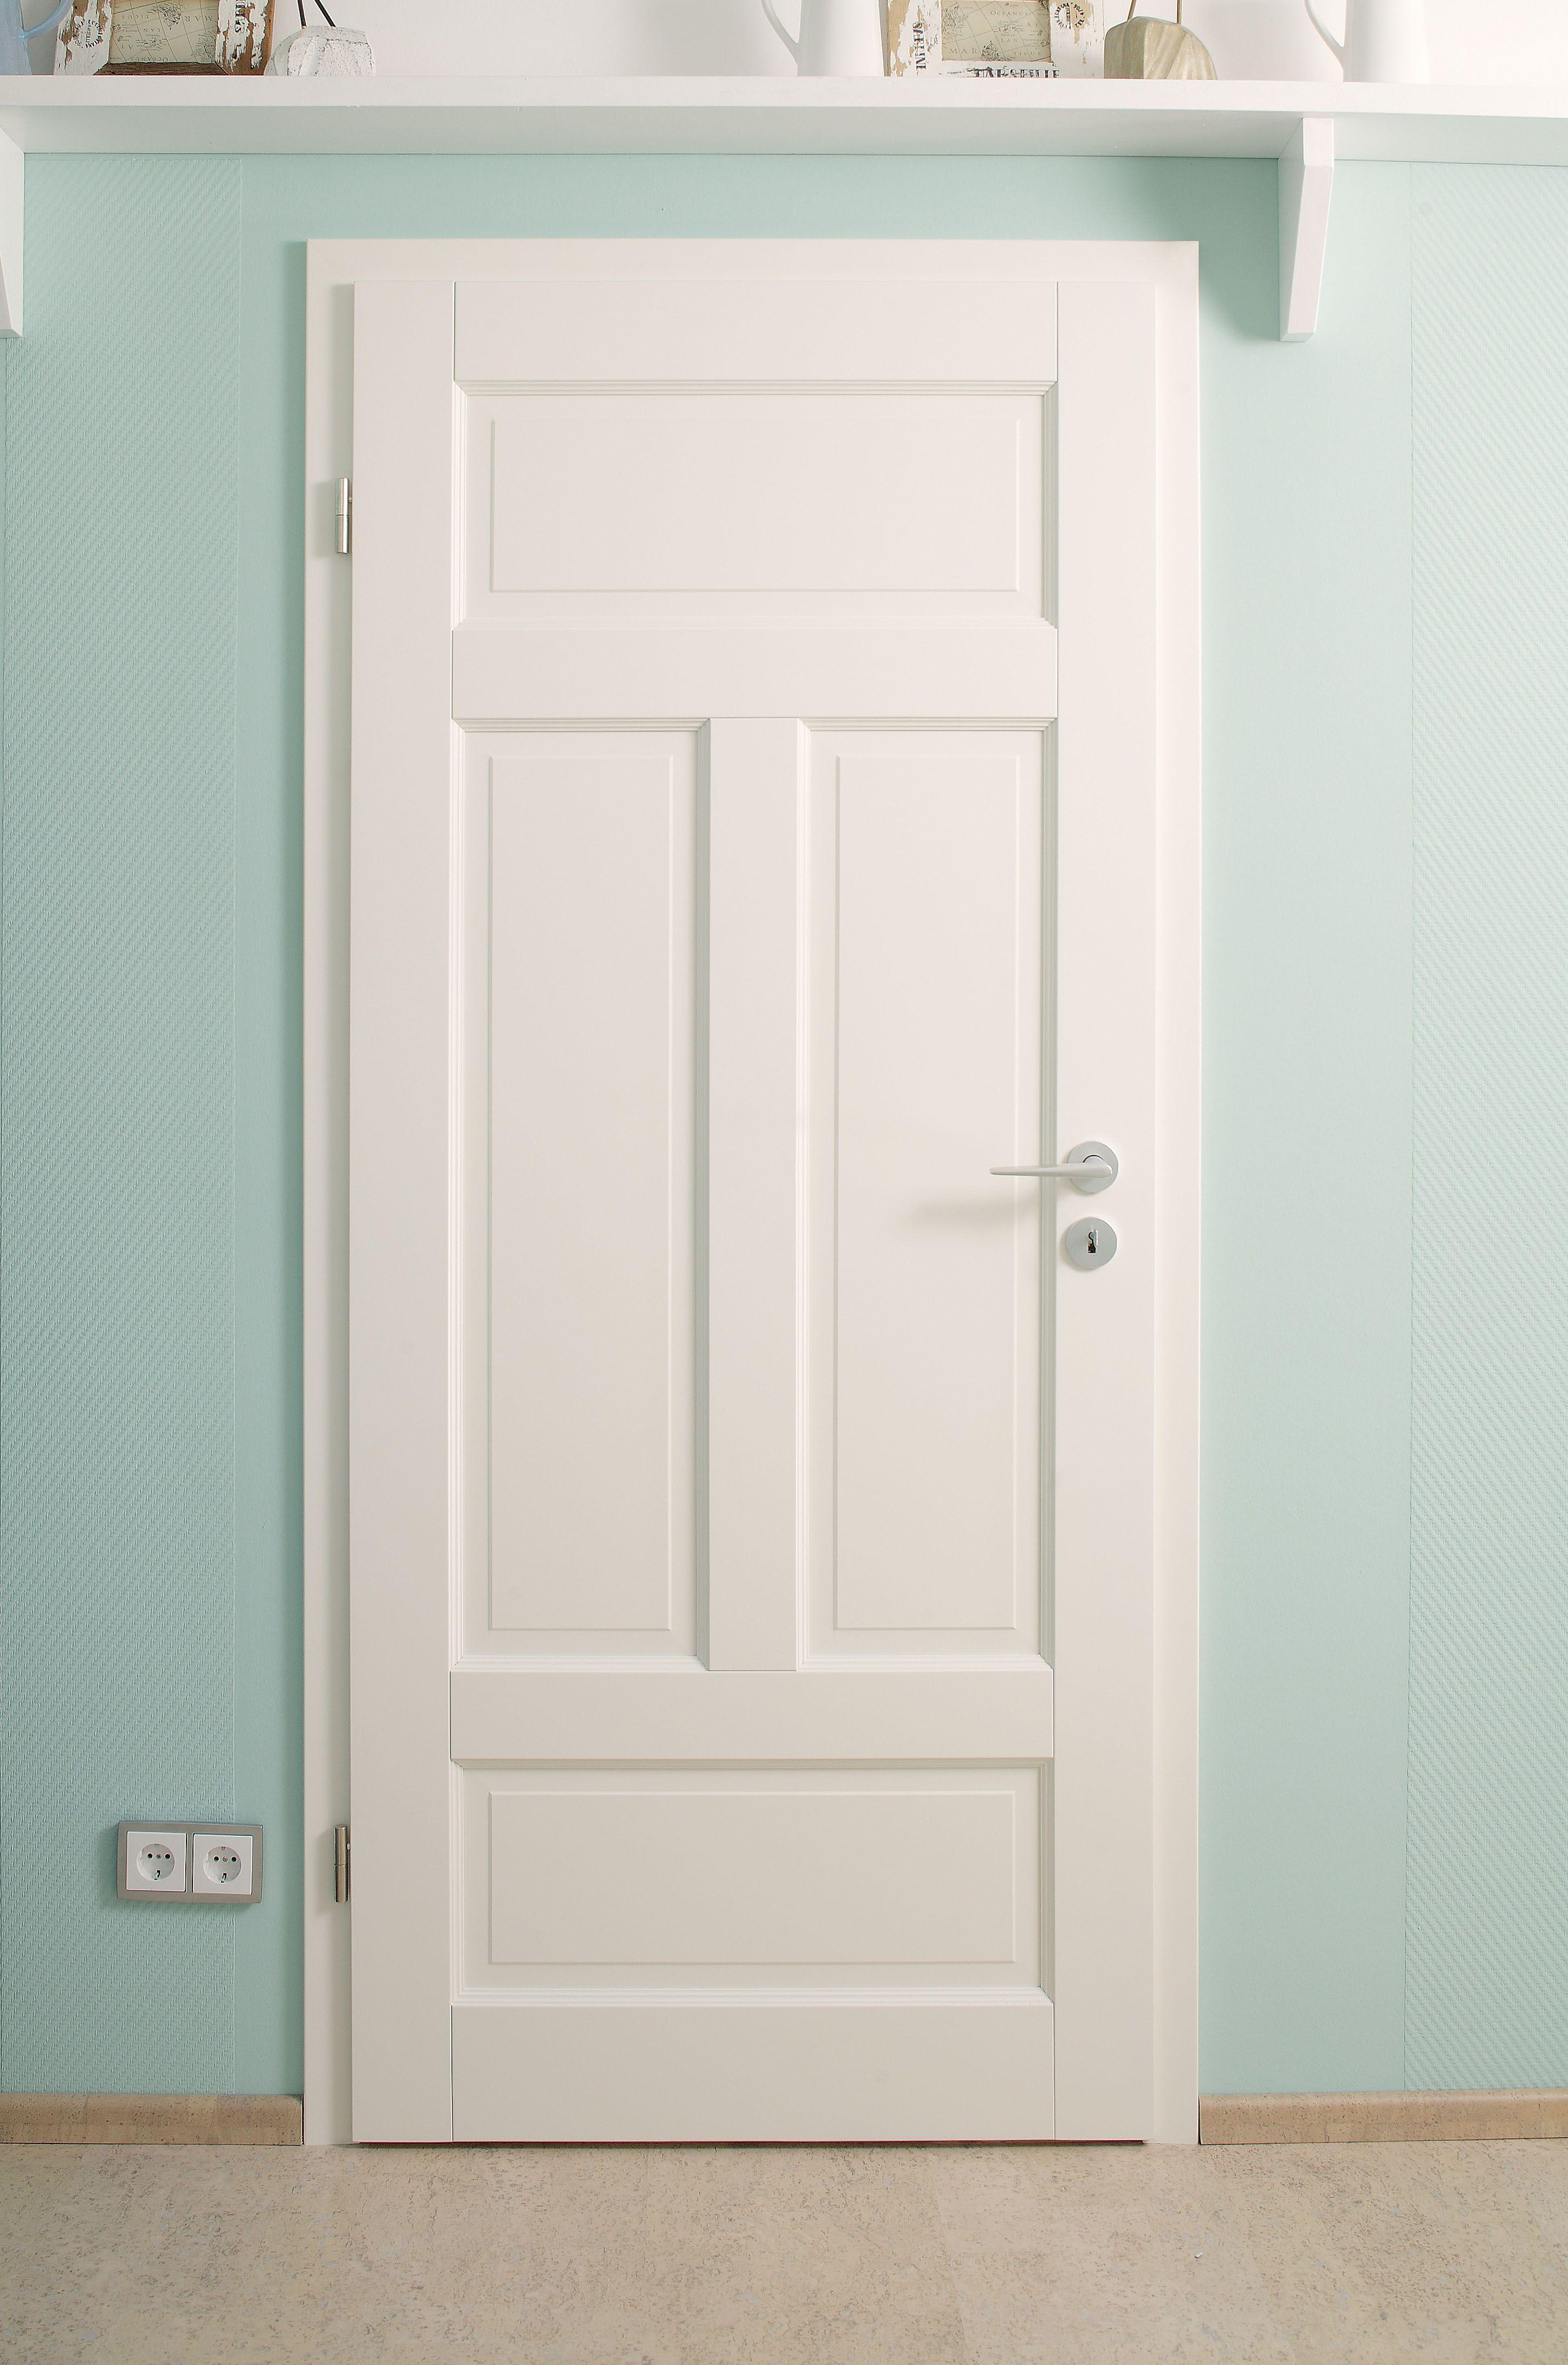 Zimmertüren Dachboden Wohnzimmer Türen Innen Innentüren